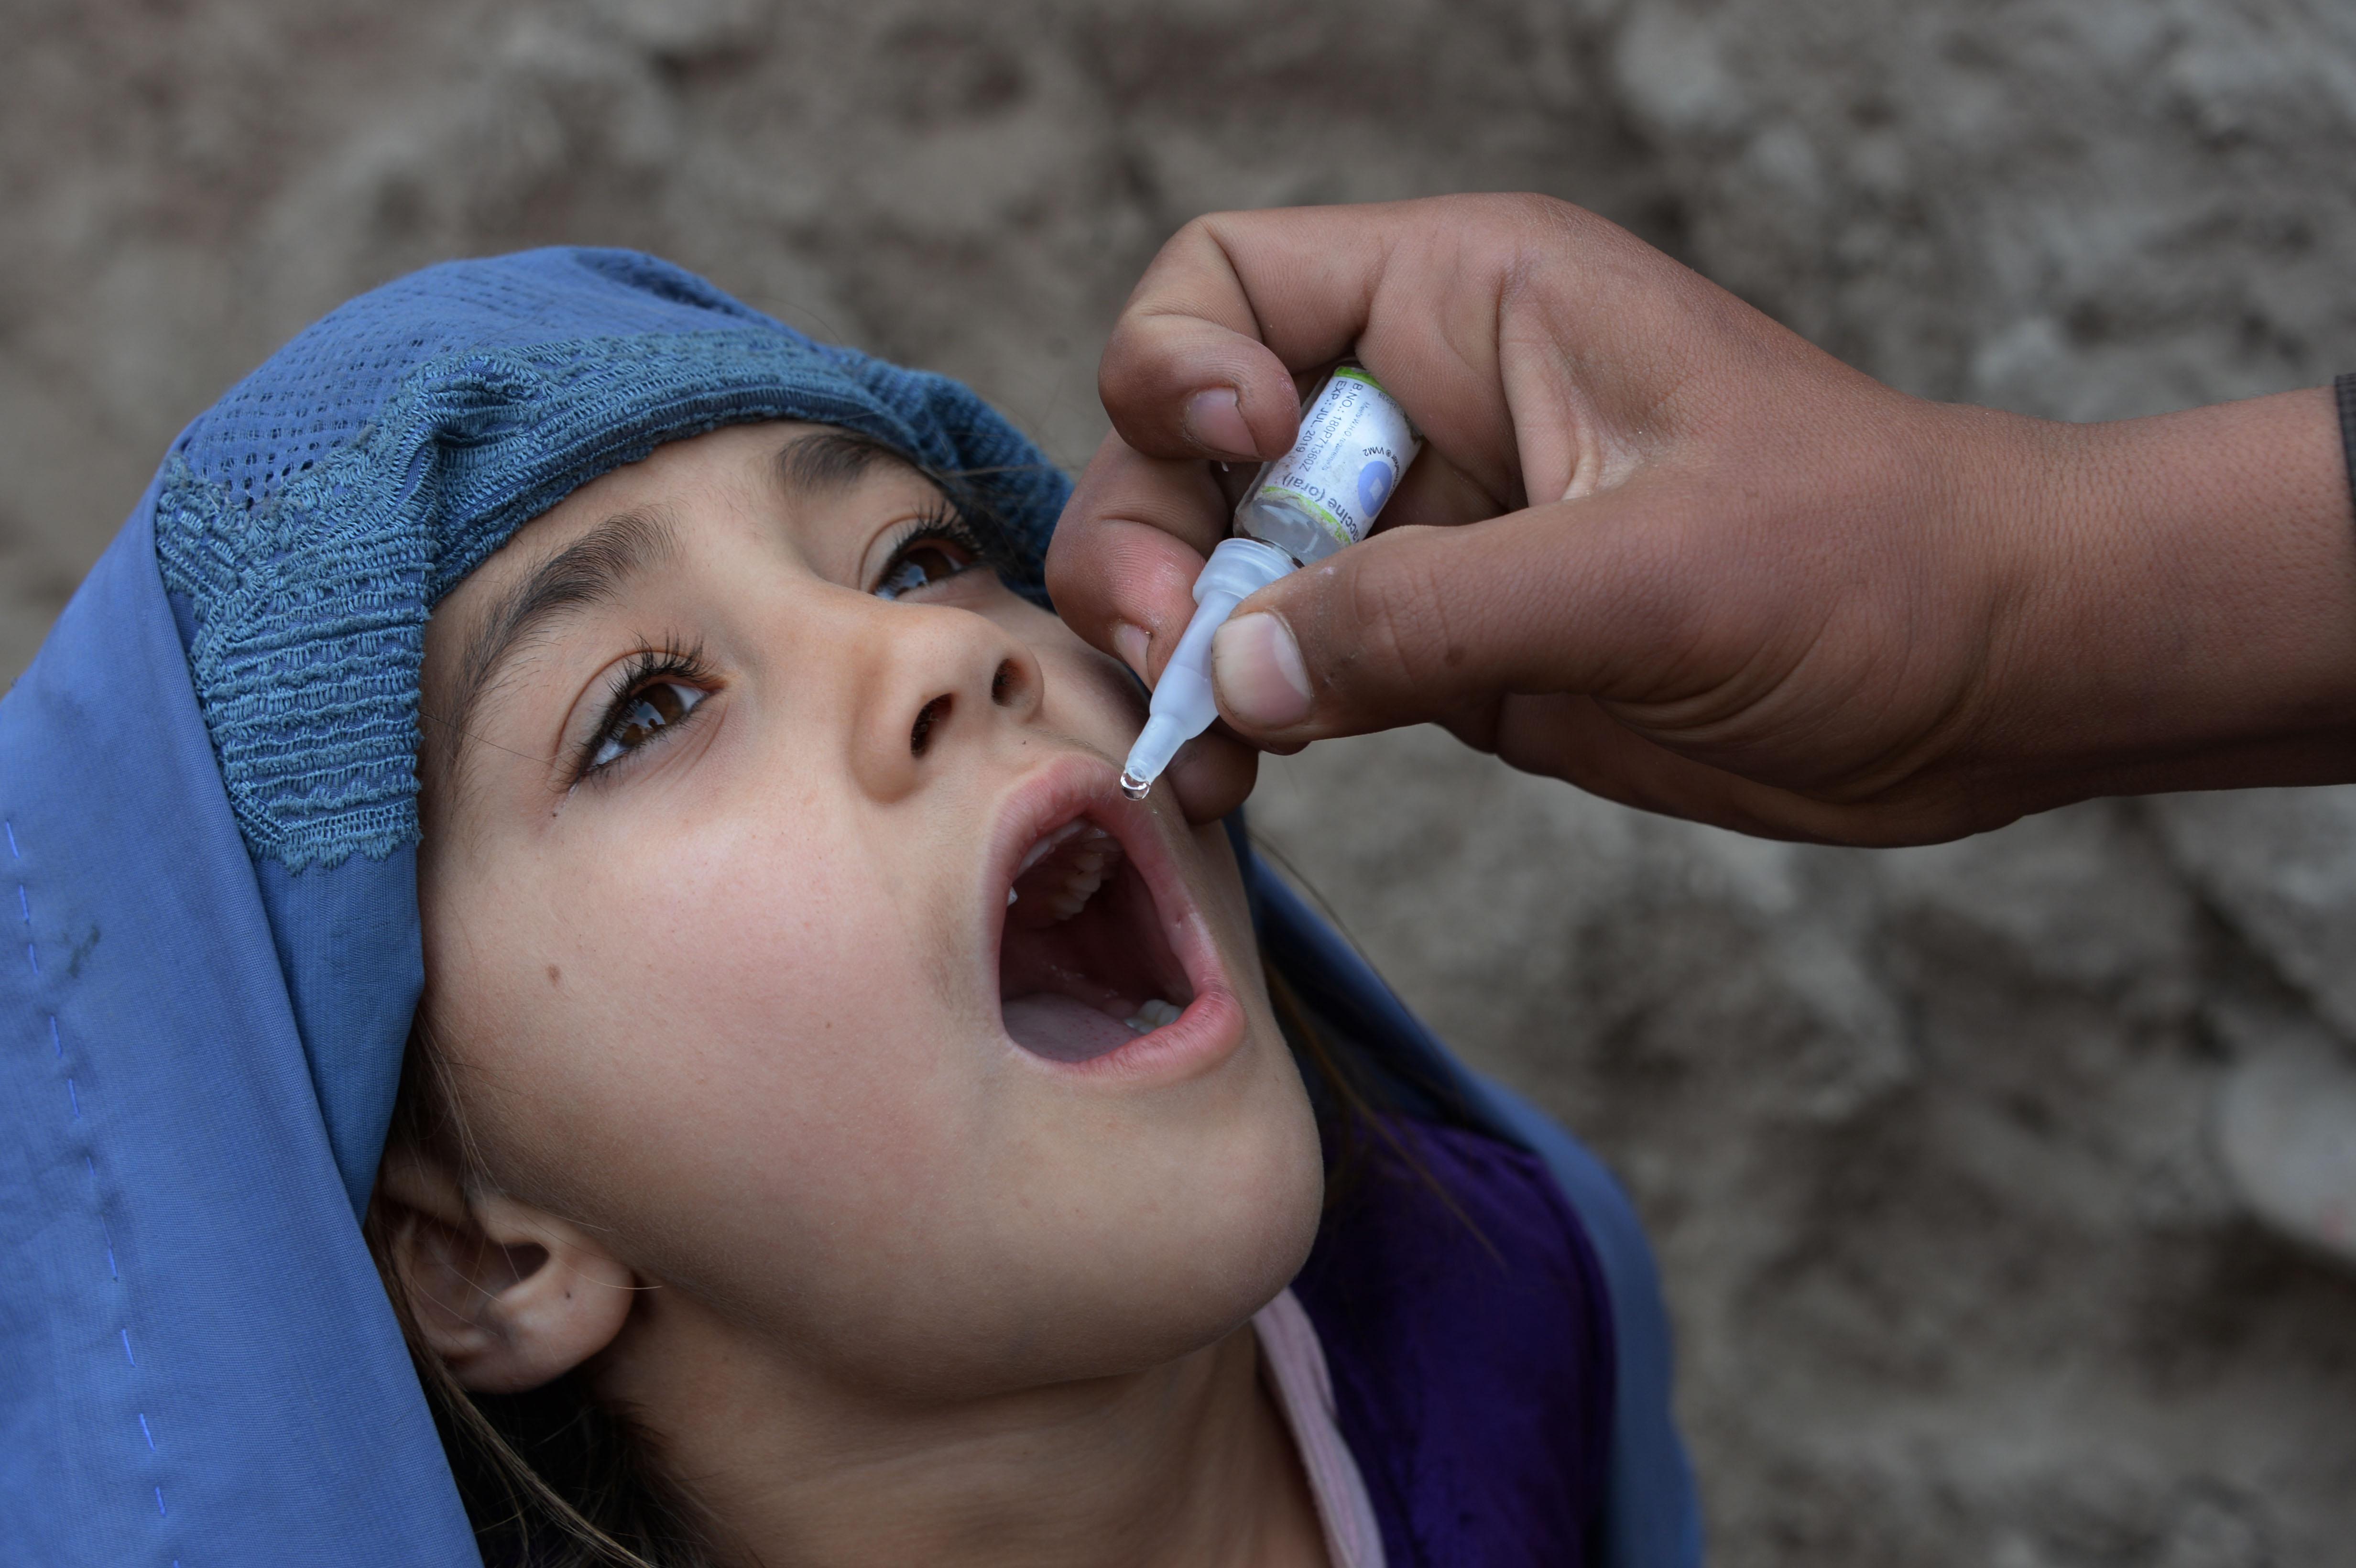 افغان- پاکستان سرحد پر ہم آہنگ کوششوں سے پولیو کے خاتمے کی امیدوں میں اضافہ